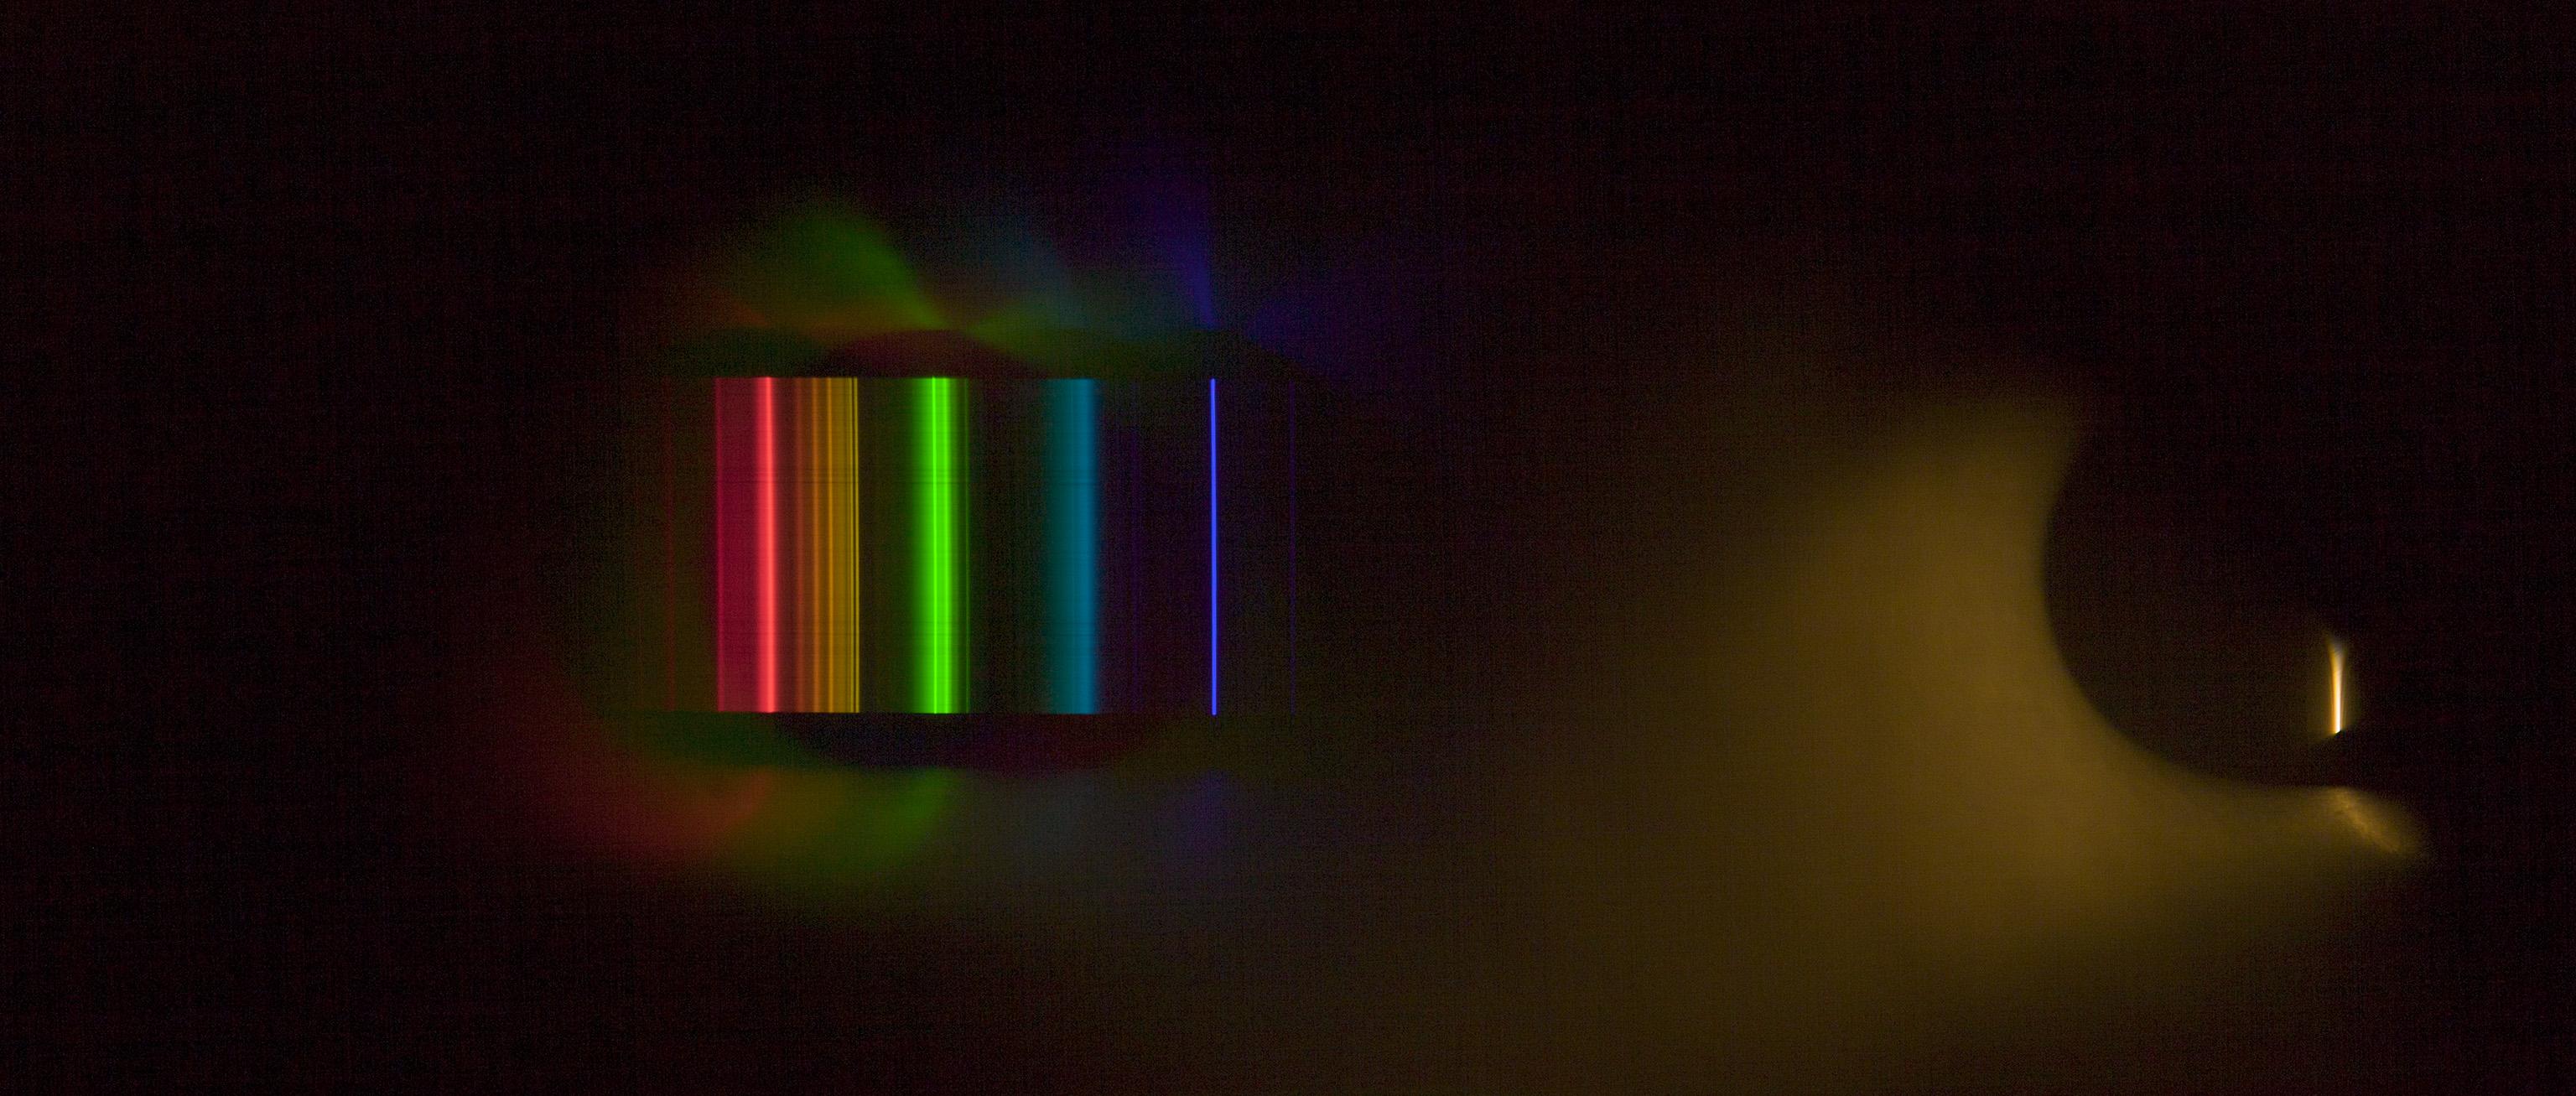 http://www.thomasmansencal.com/Sharing/Spectroscope/Philips_Softone_001.jpg